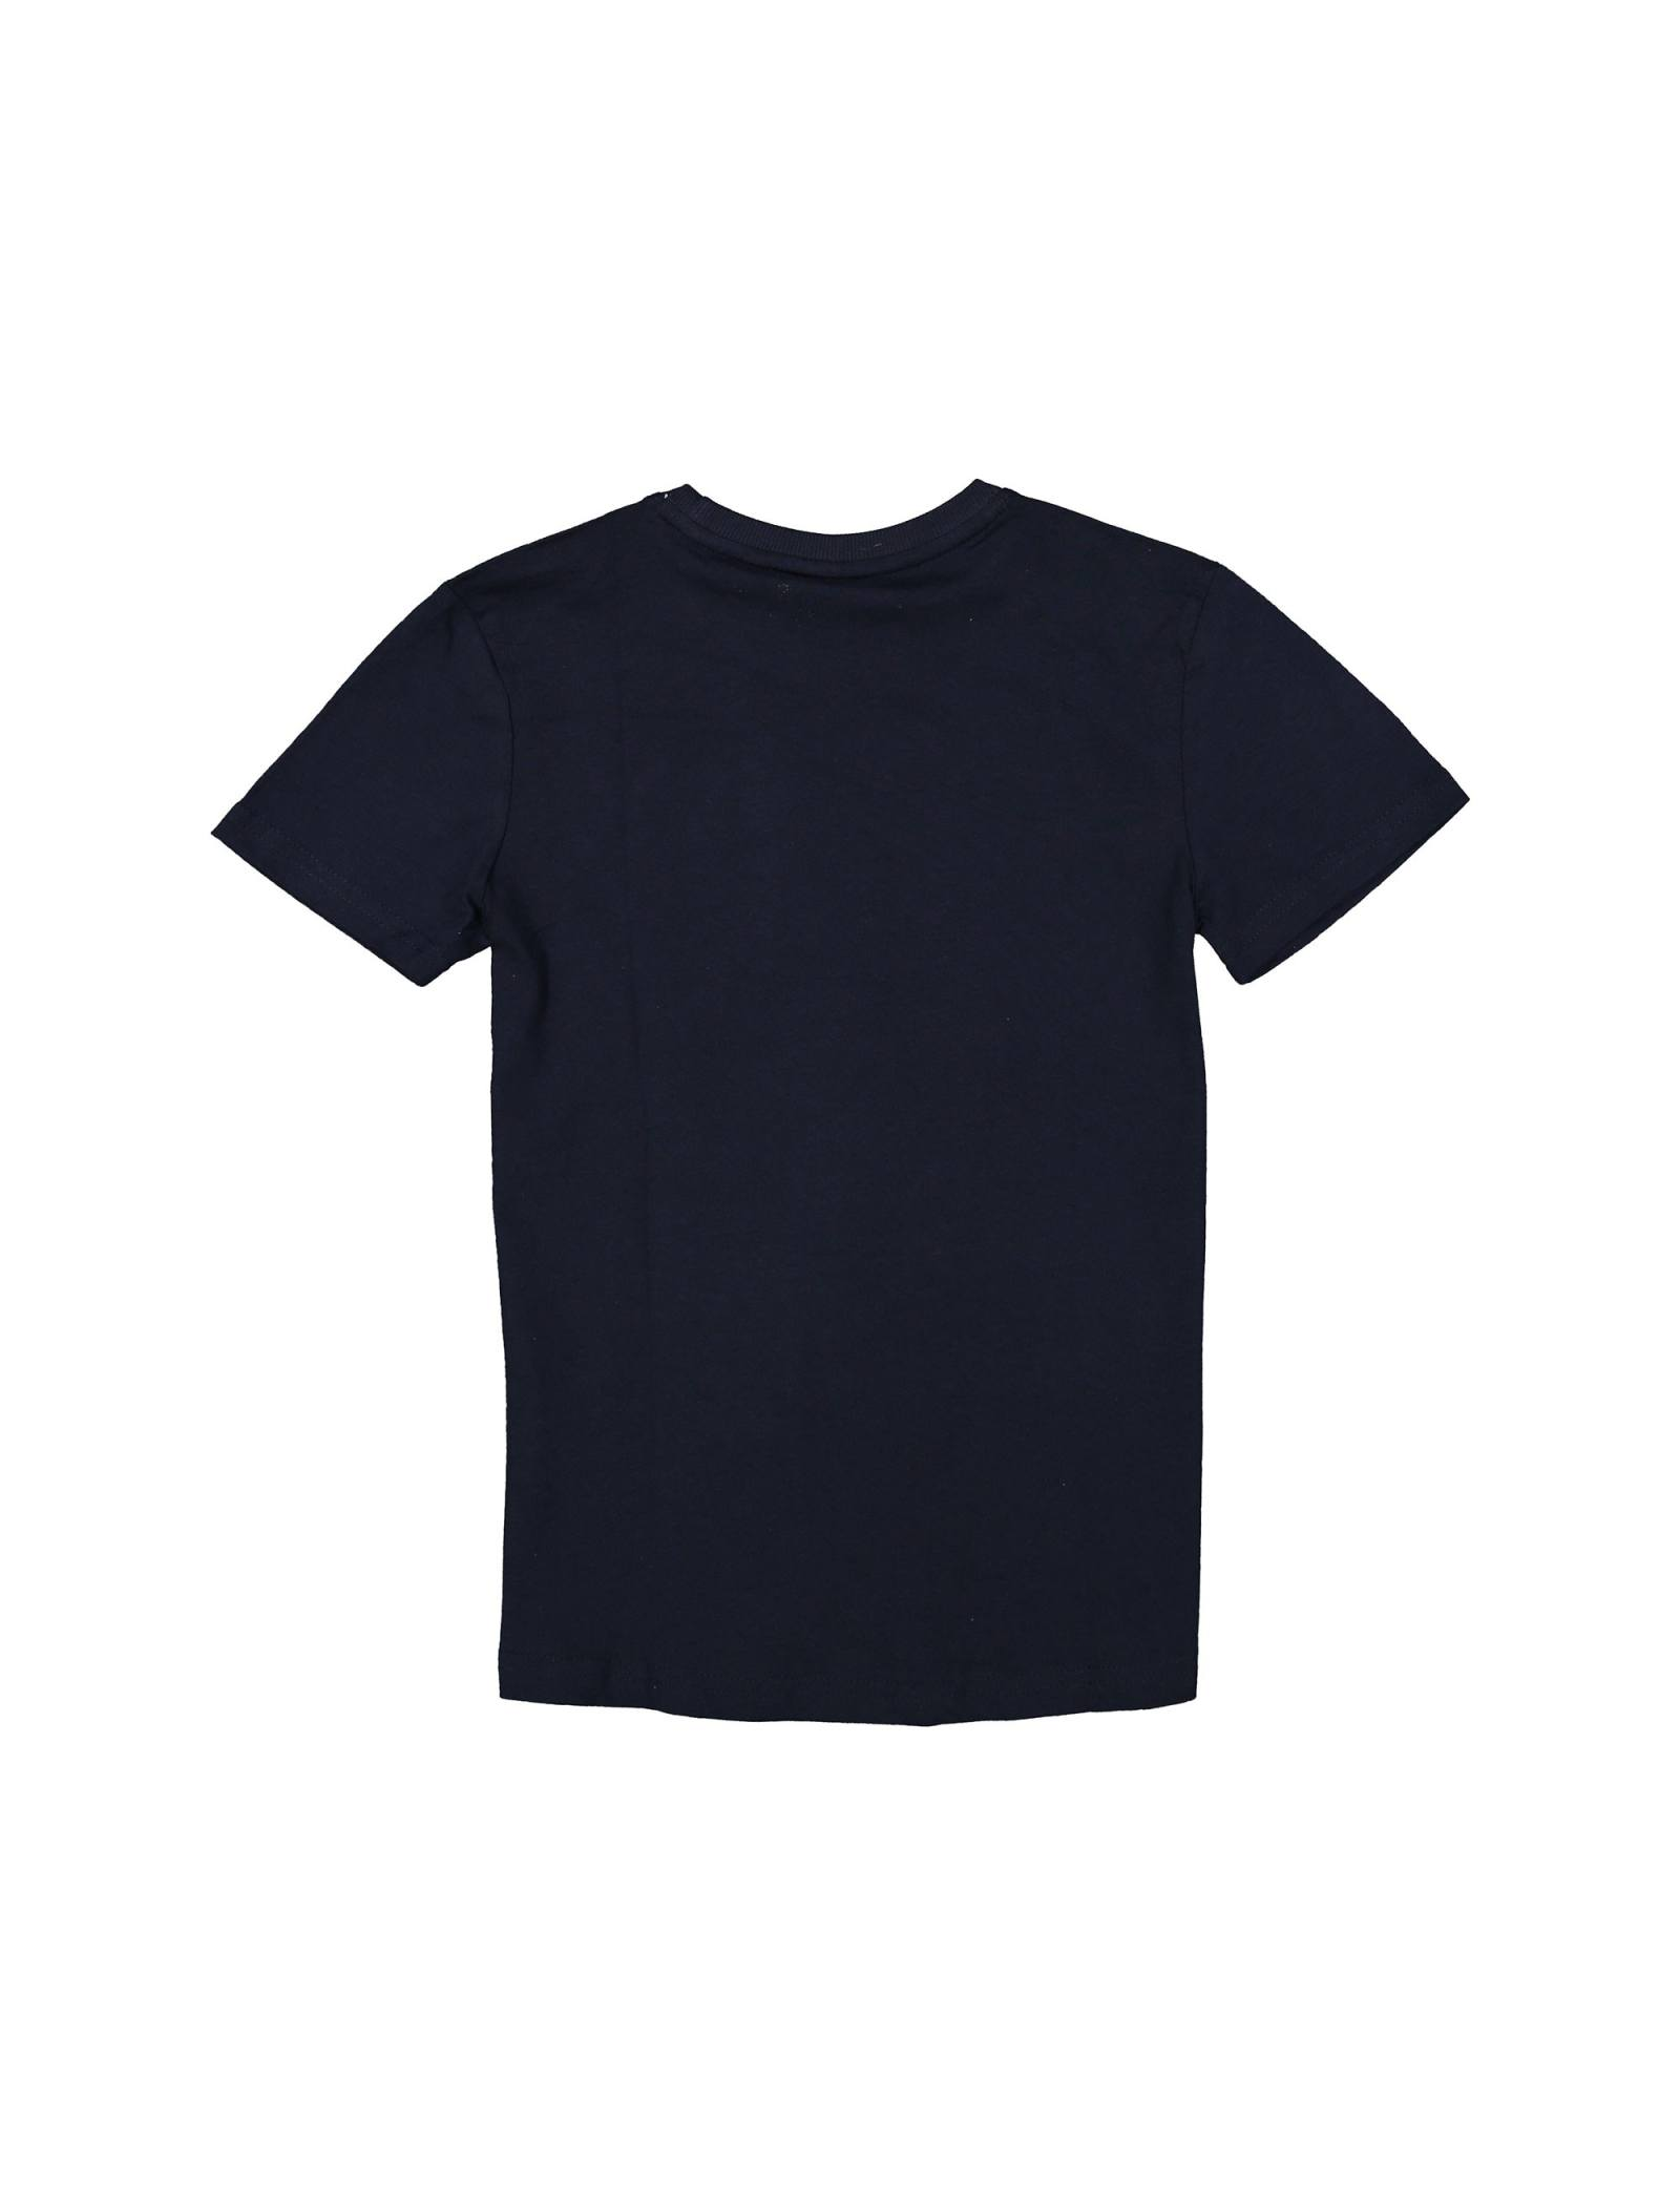 تی شرت و شلوارک نخی پسرانه - بلوکیدز - سرمهاي/طوسي - 3